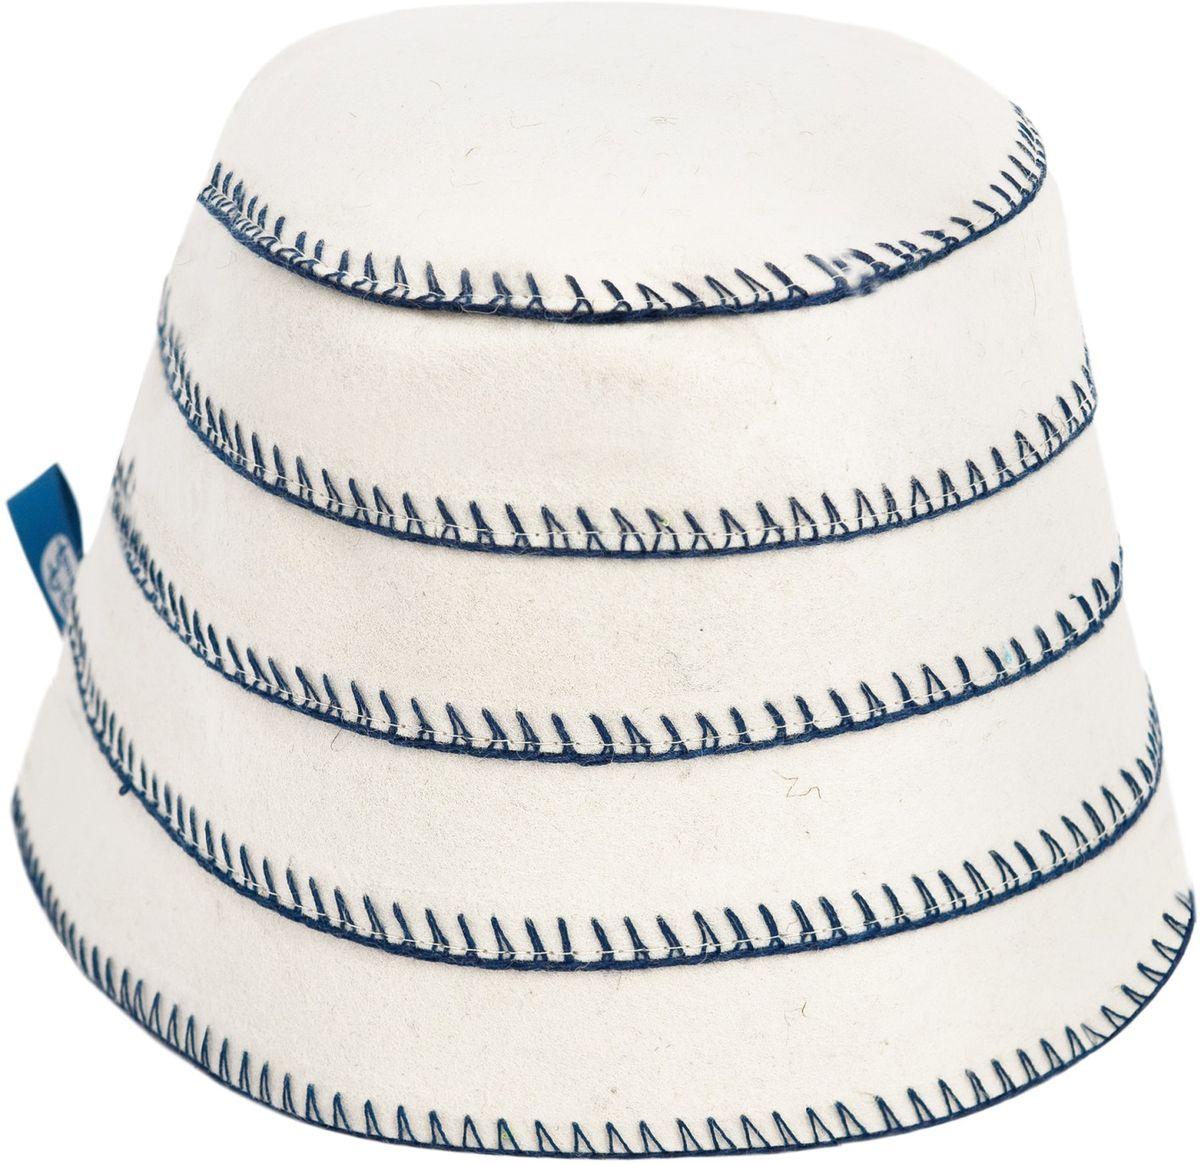 Шапка для бани и сауны Matti (Матти), цвет: бежевый. Размер M. 165C0042415Изысканная утонченность шапок Matti (Матти), выполненных из натурального фетра, радует идеальной выделкой шерсти, что делает их удивительно гигроскопичными и защищает от высоких температур в парной. Особые дизайнерские находки нашли свое воплощение в необычном крое и высокой комфортности изделий. Контрастная окантовка привлекает внимание, объединяя благородство форм и лаконичность стиля. Характеристики: Цвет: бежевый. Материал: фетр. Размер шапки: M. Максимальный обхват головы (по основанию шапки): 68 см. Высота шапки: 16 см. Производитель: Россия. Артикул: 165.